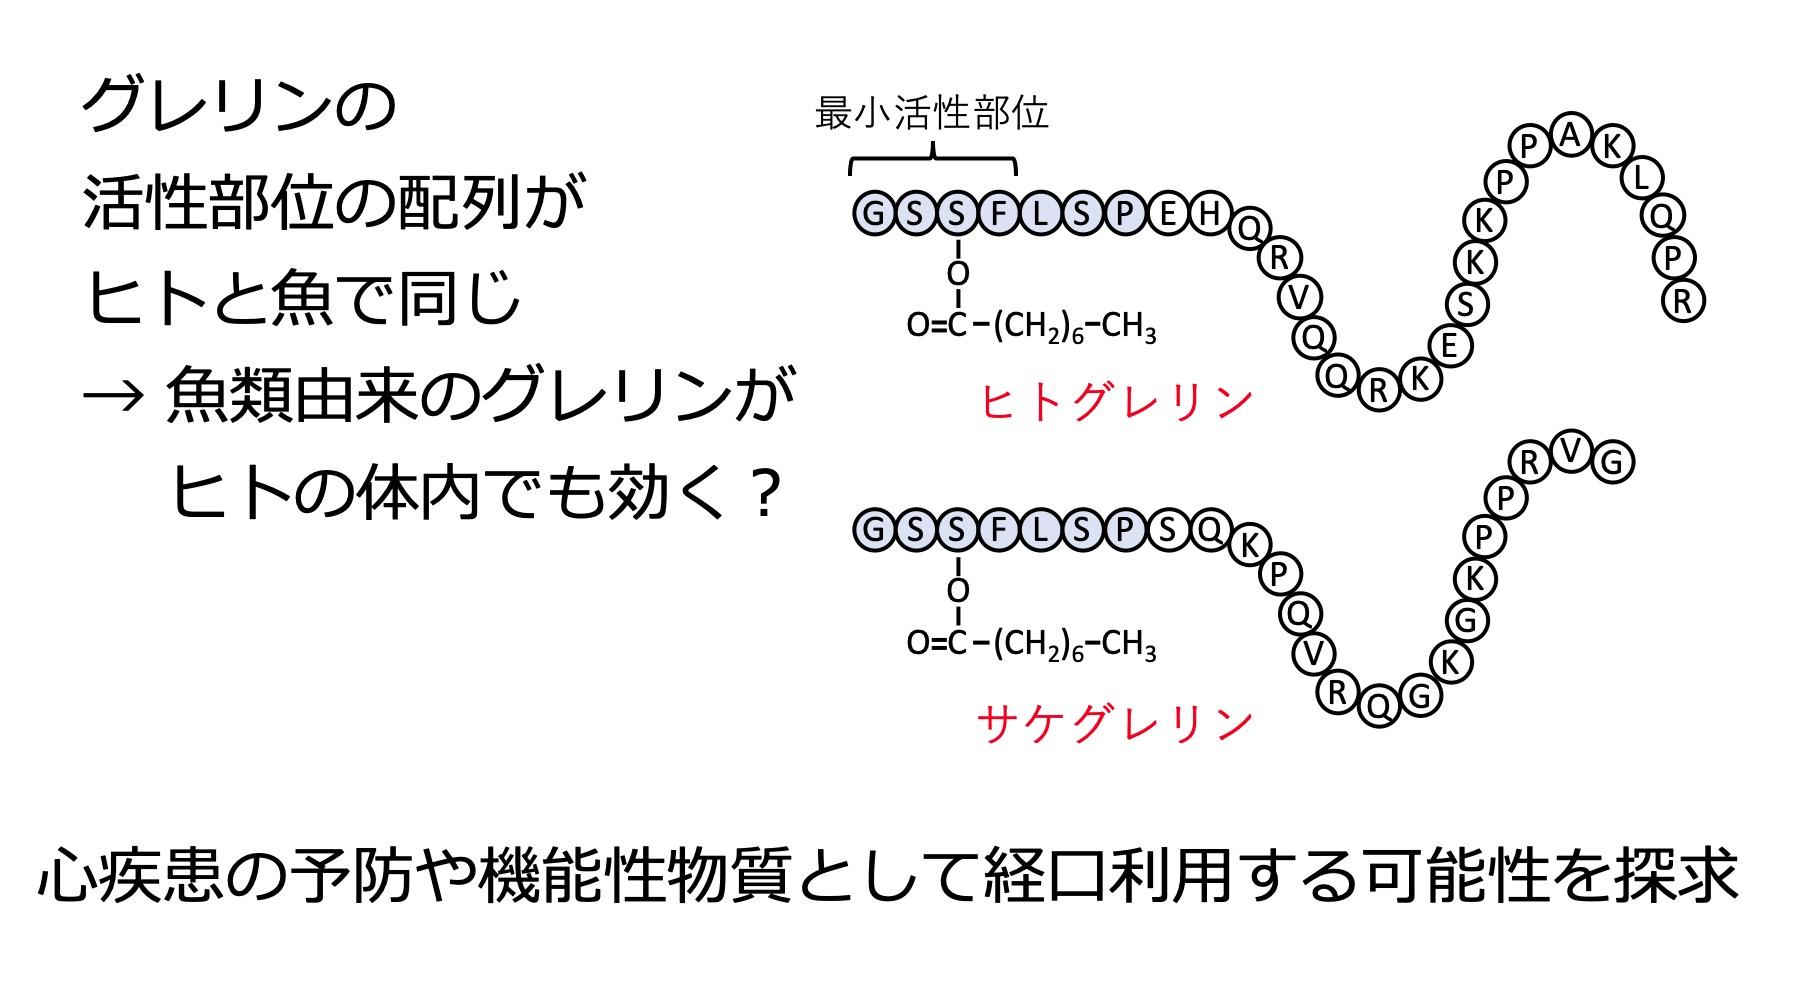 魚類の胃腸管から抽出したグレリン含有成分の有効利用方法の検討